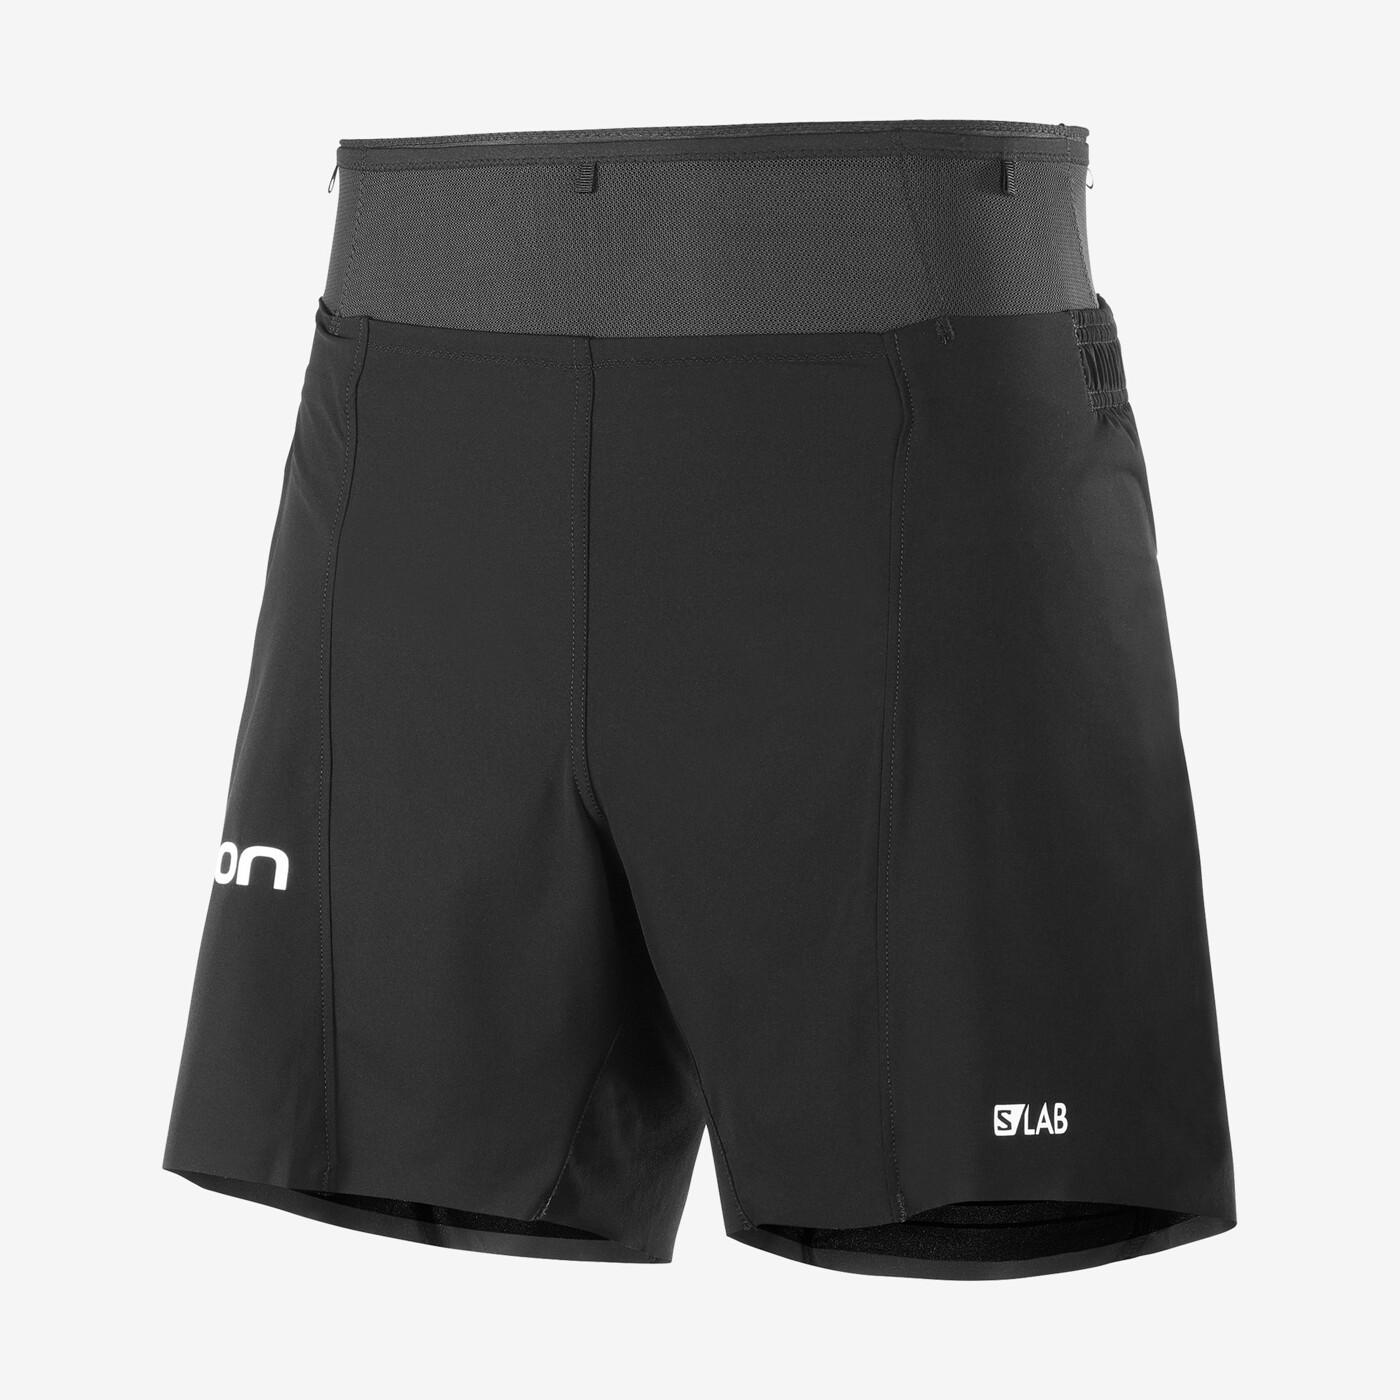 SALOMON S/LAB SENSE 6'' - Shorts - Herren